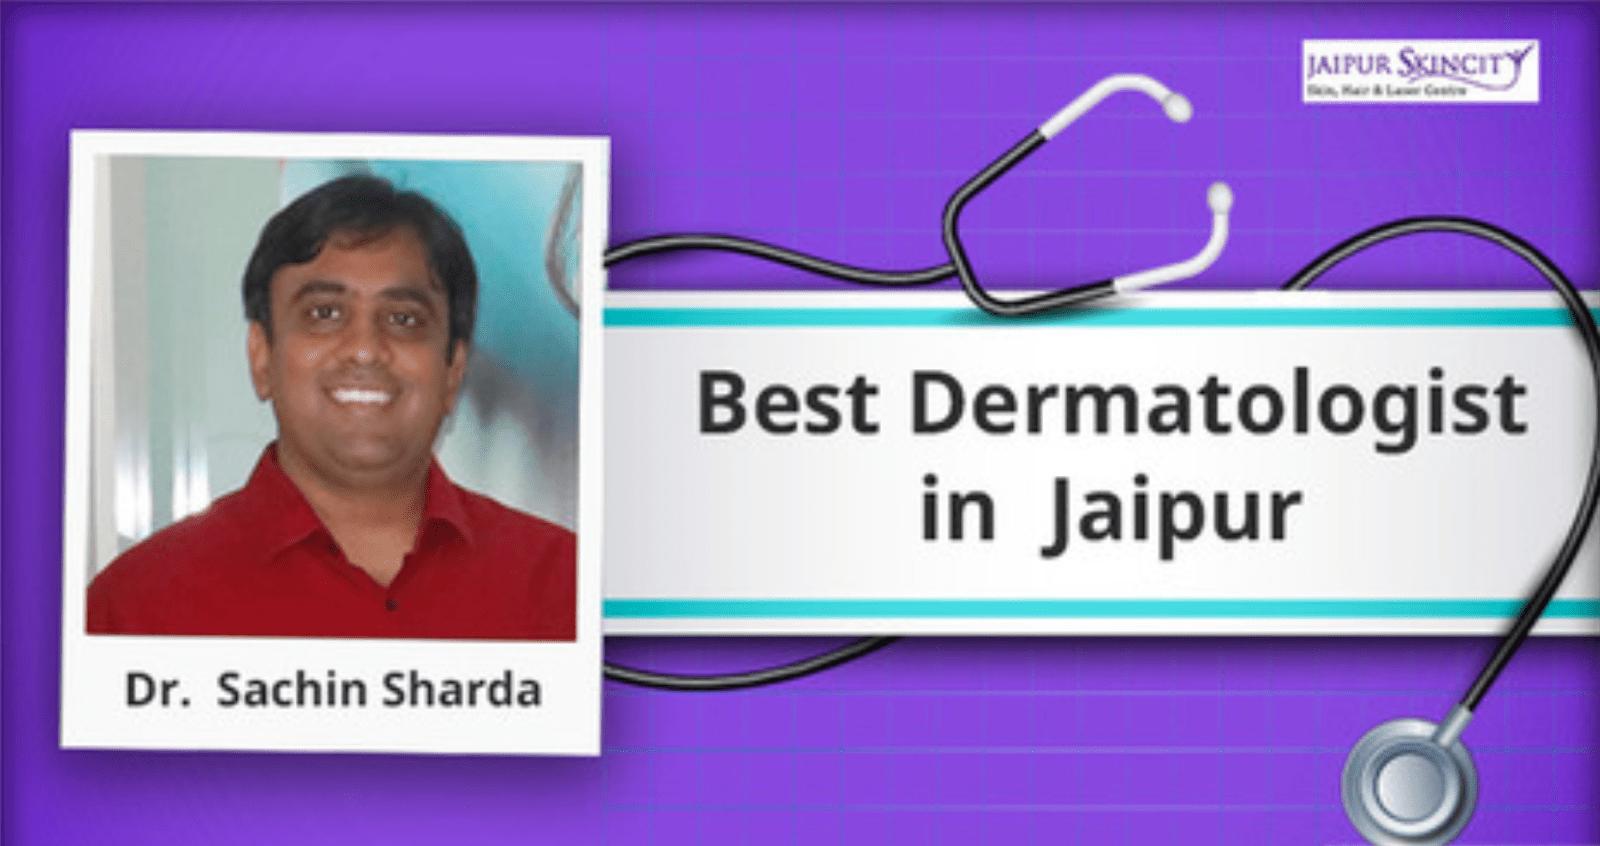 Dr. Sachin Sharda